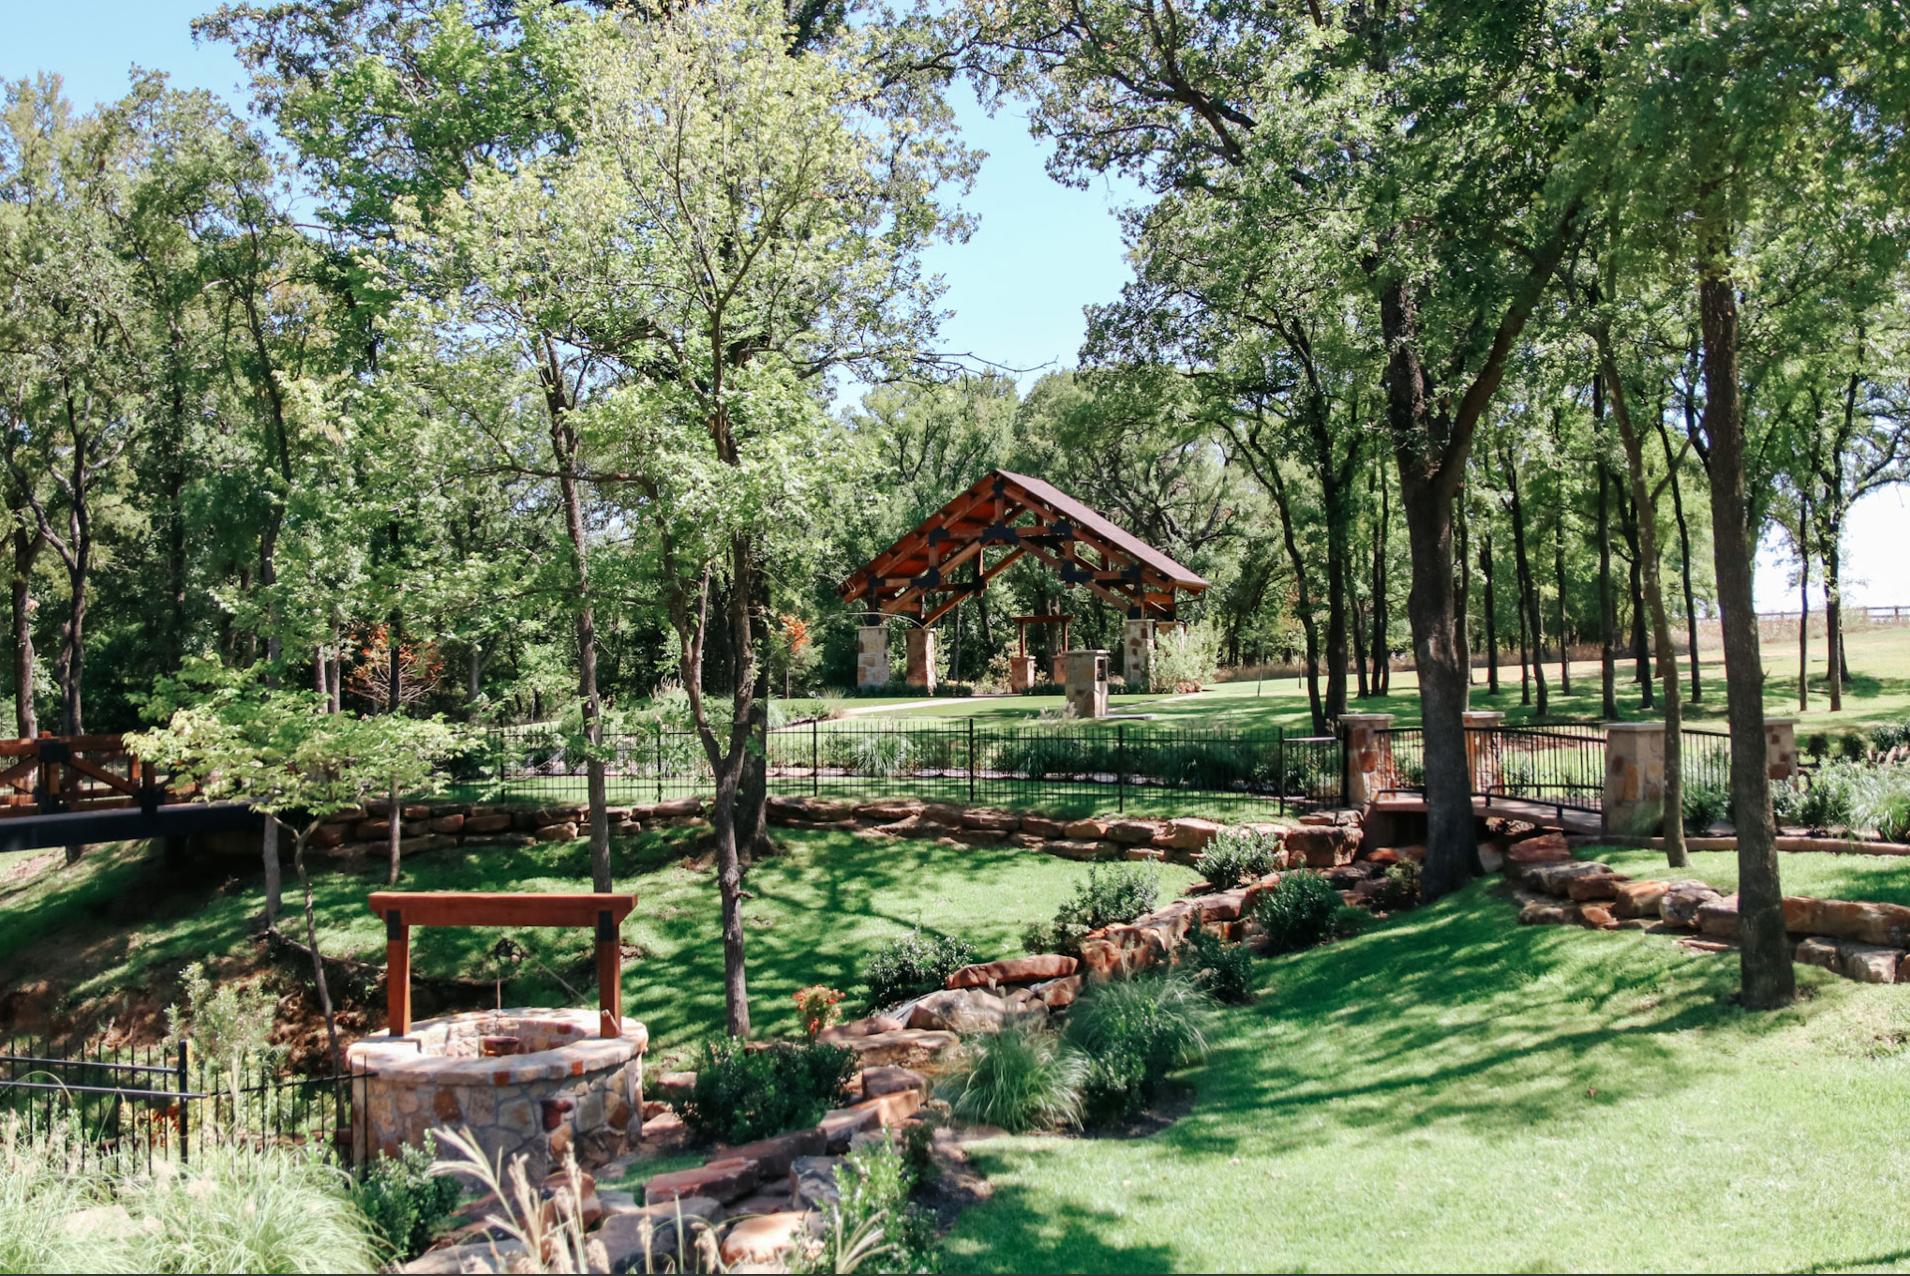 The Springs Event Venue - Alvarado, Texas - DFW Rustic Wedding Venue - Lodge Style Venue